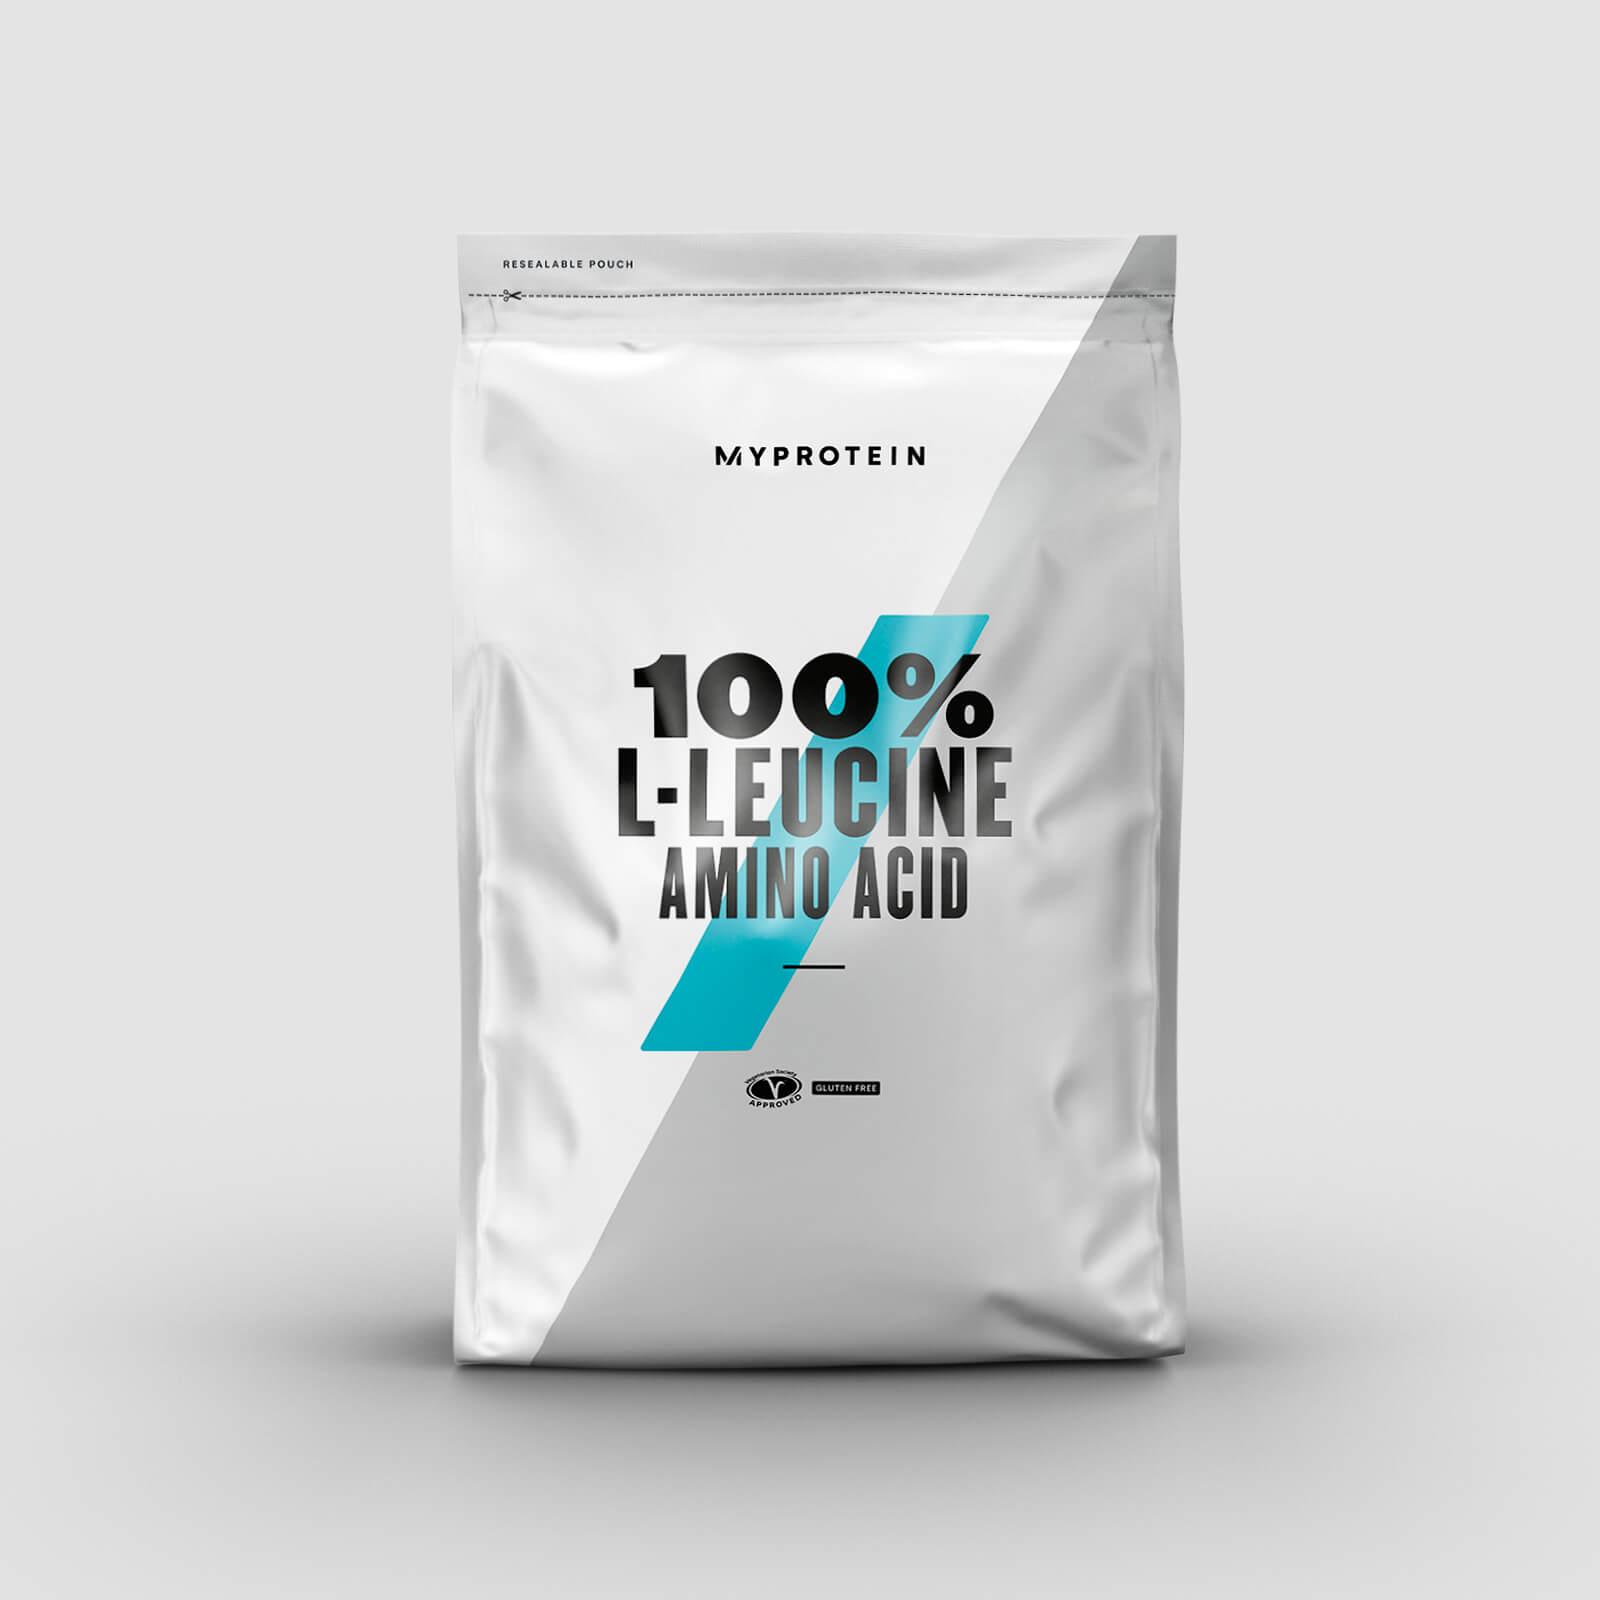 Myprotein L Leucine - 1kg - Sans arôme ajouté